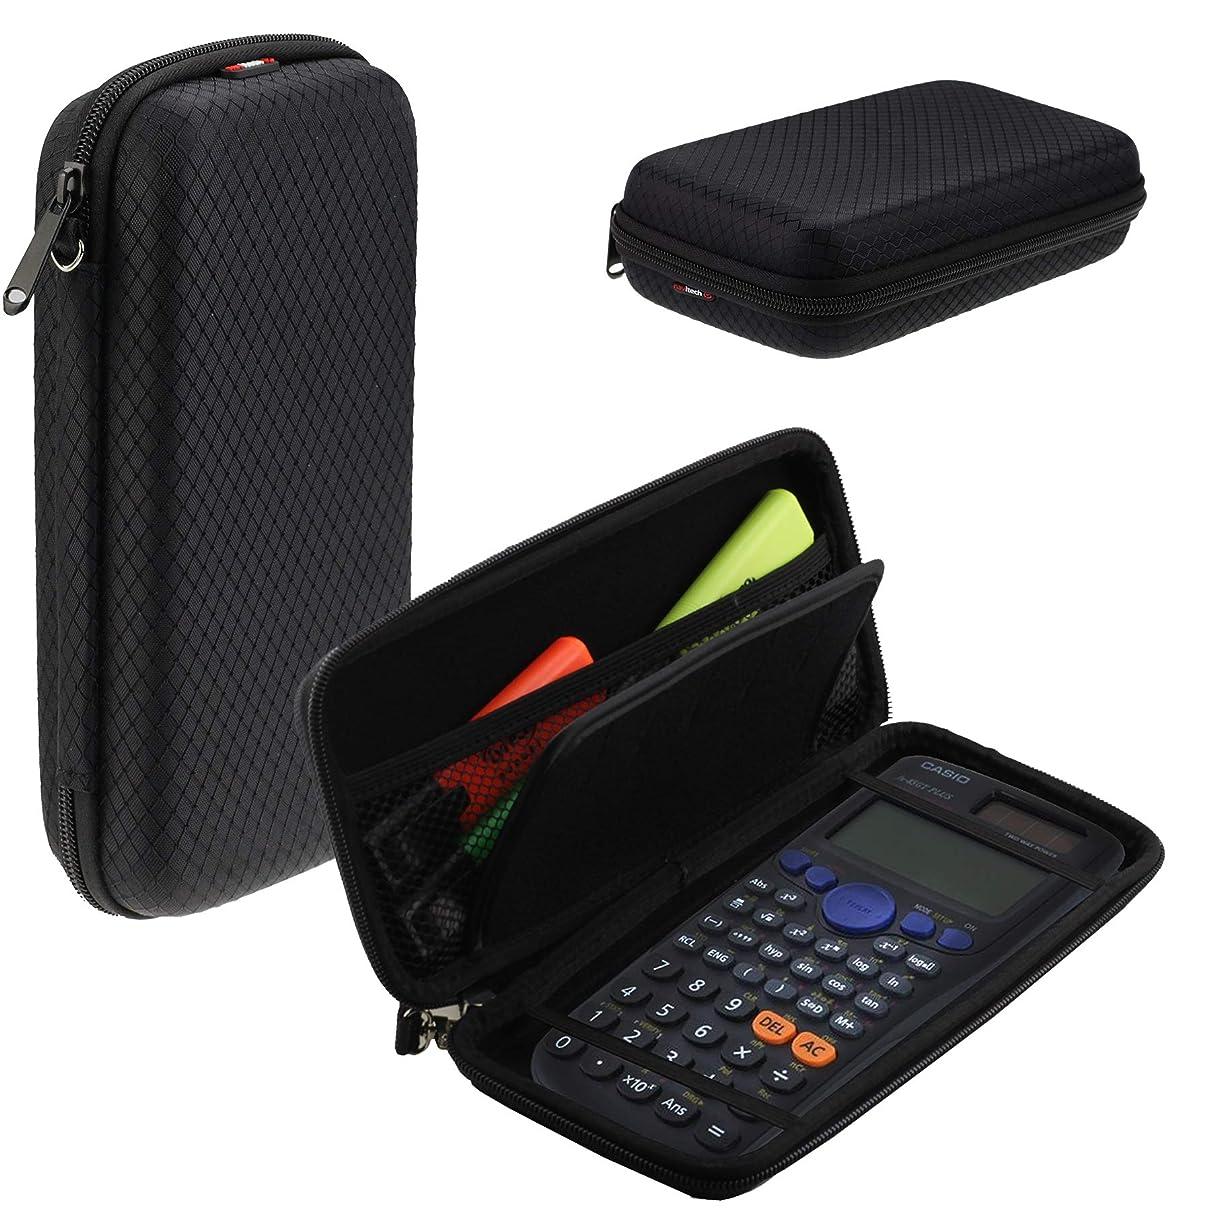 ブルーム結婚する差別するNavitech ブラック グラフィック 電卓 ハードケース/カバー 収納ポーチ付き Texas Instruments Ti 84 Plusに対応